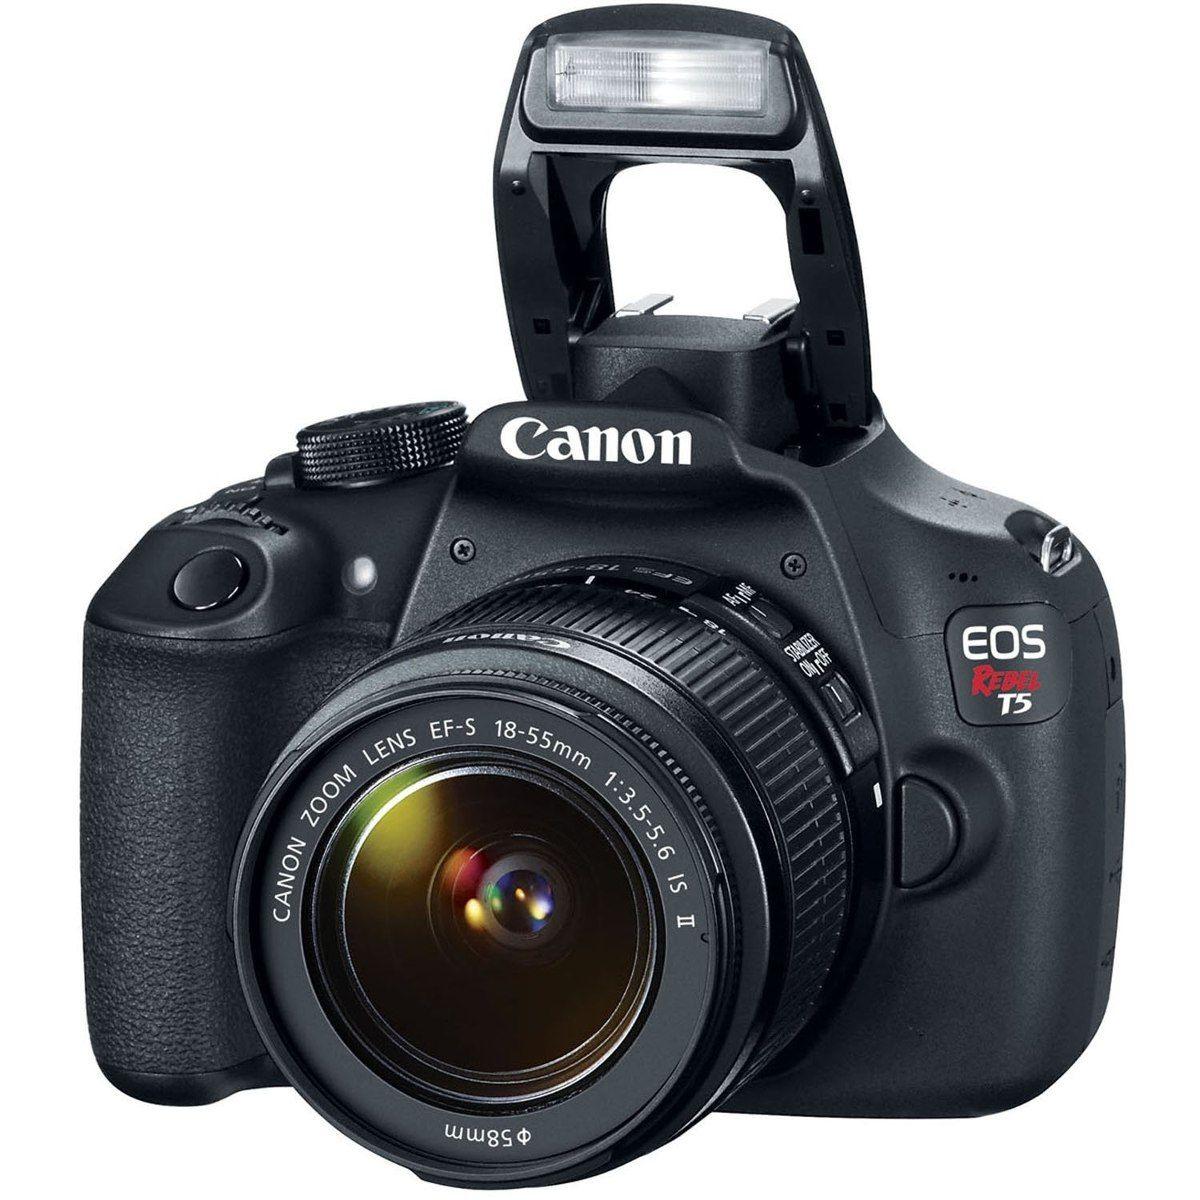 Camaras fotograficas canon en costa rica